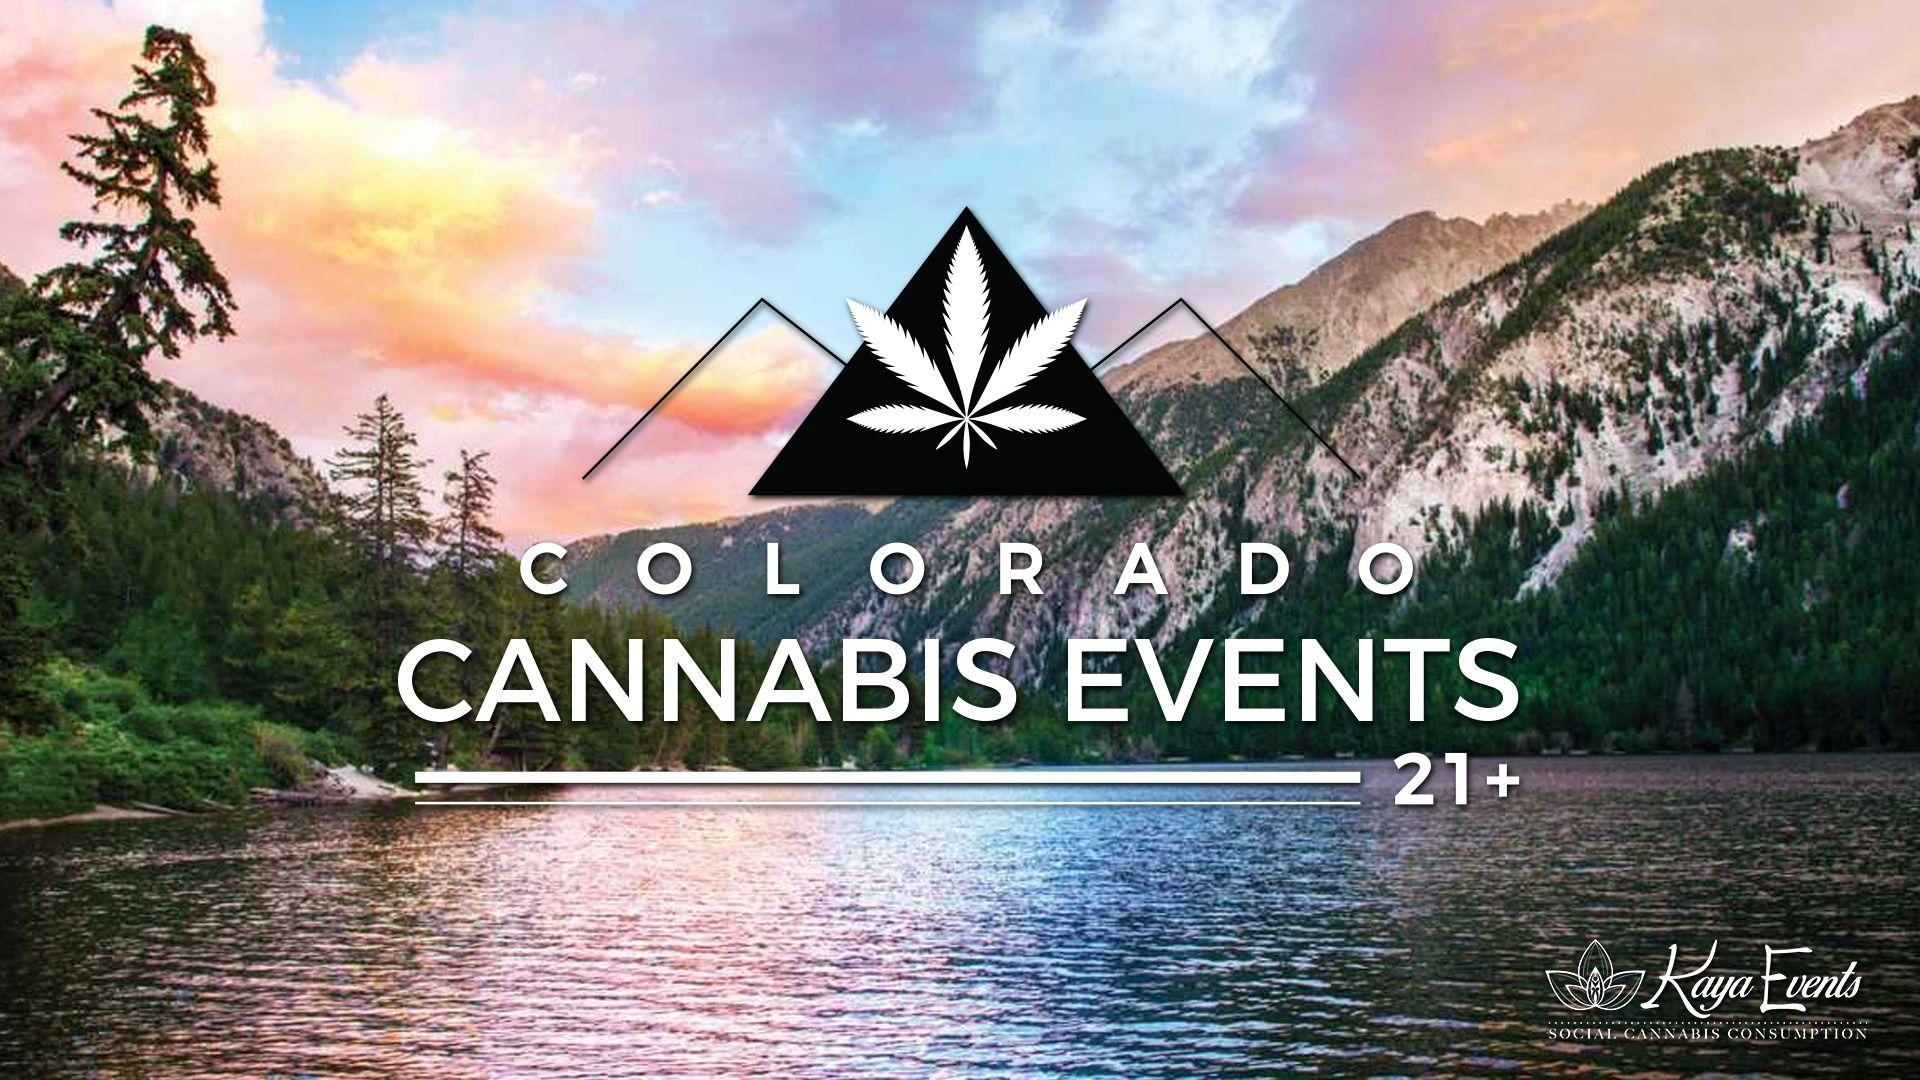 Colorado Cannabis Events 21+